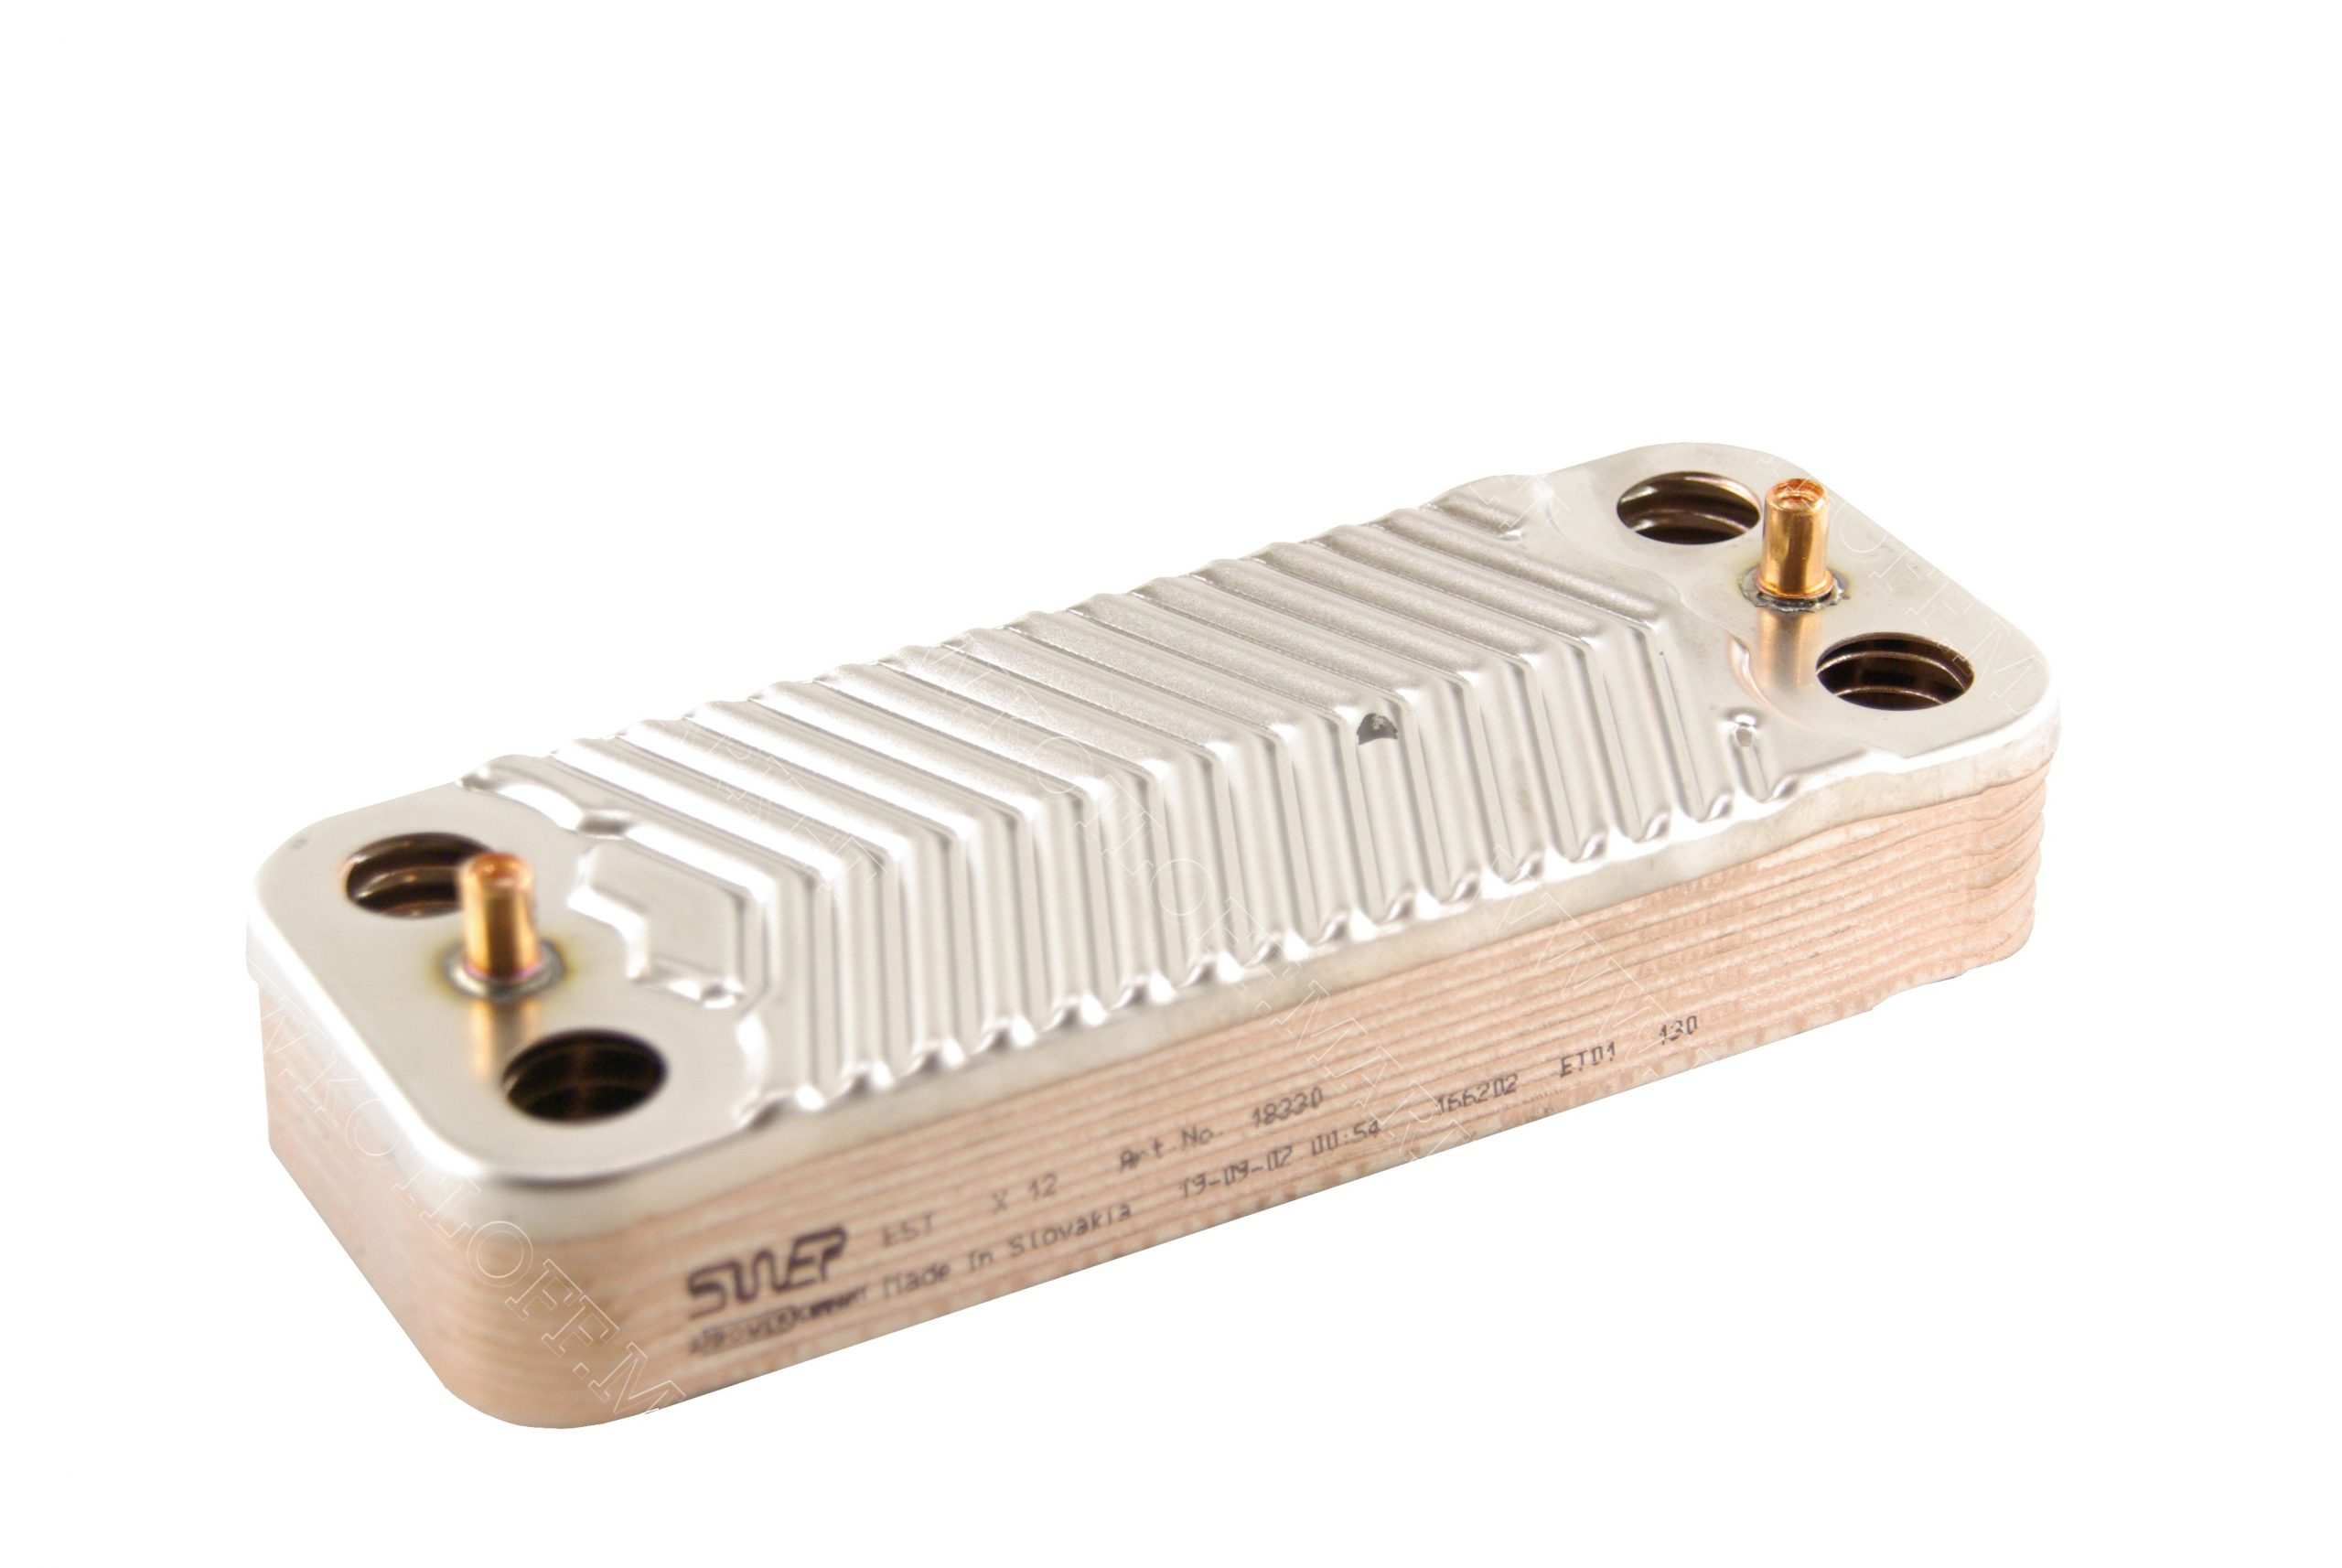 Теплообменник вторичный Swep (210X166) 16 пластин на газовые котлы Protherm арт. 20025256